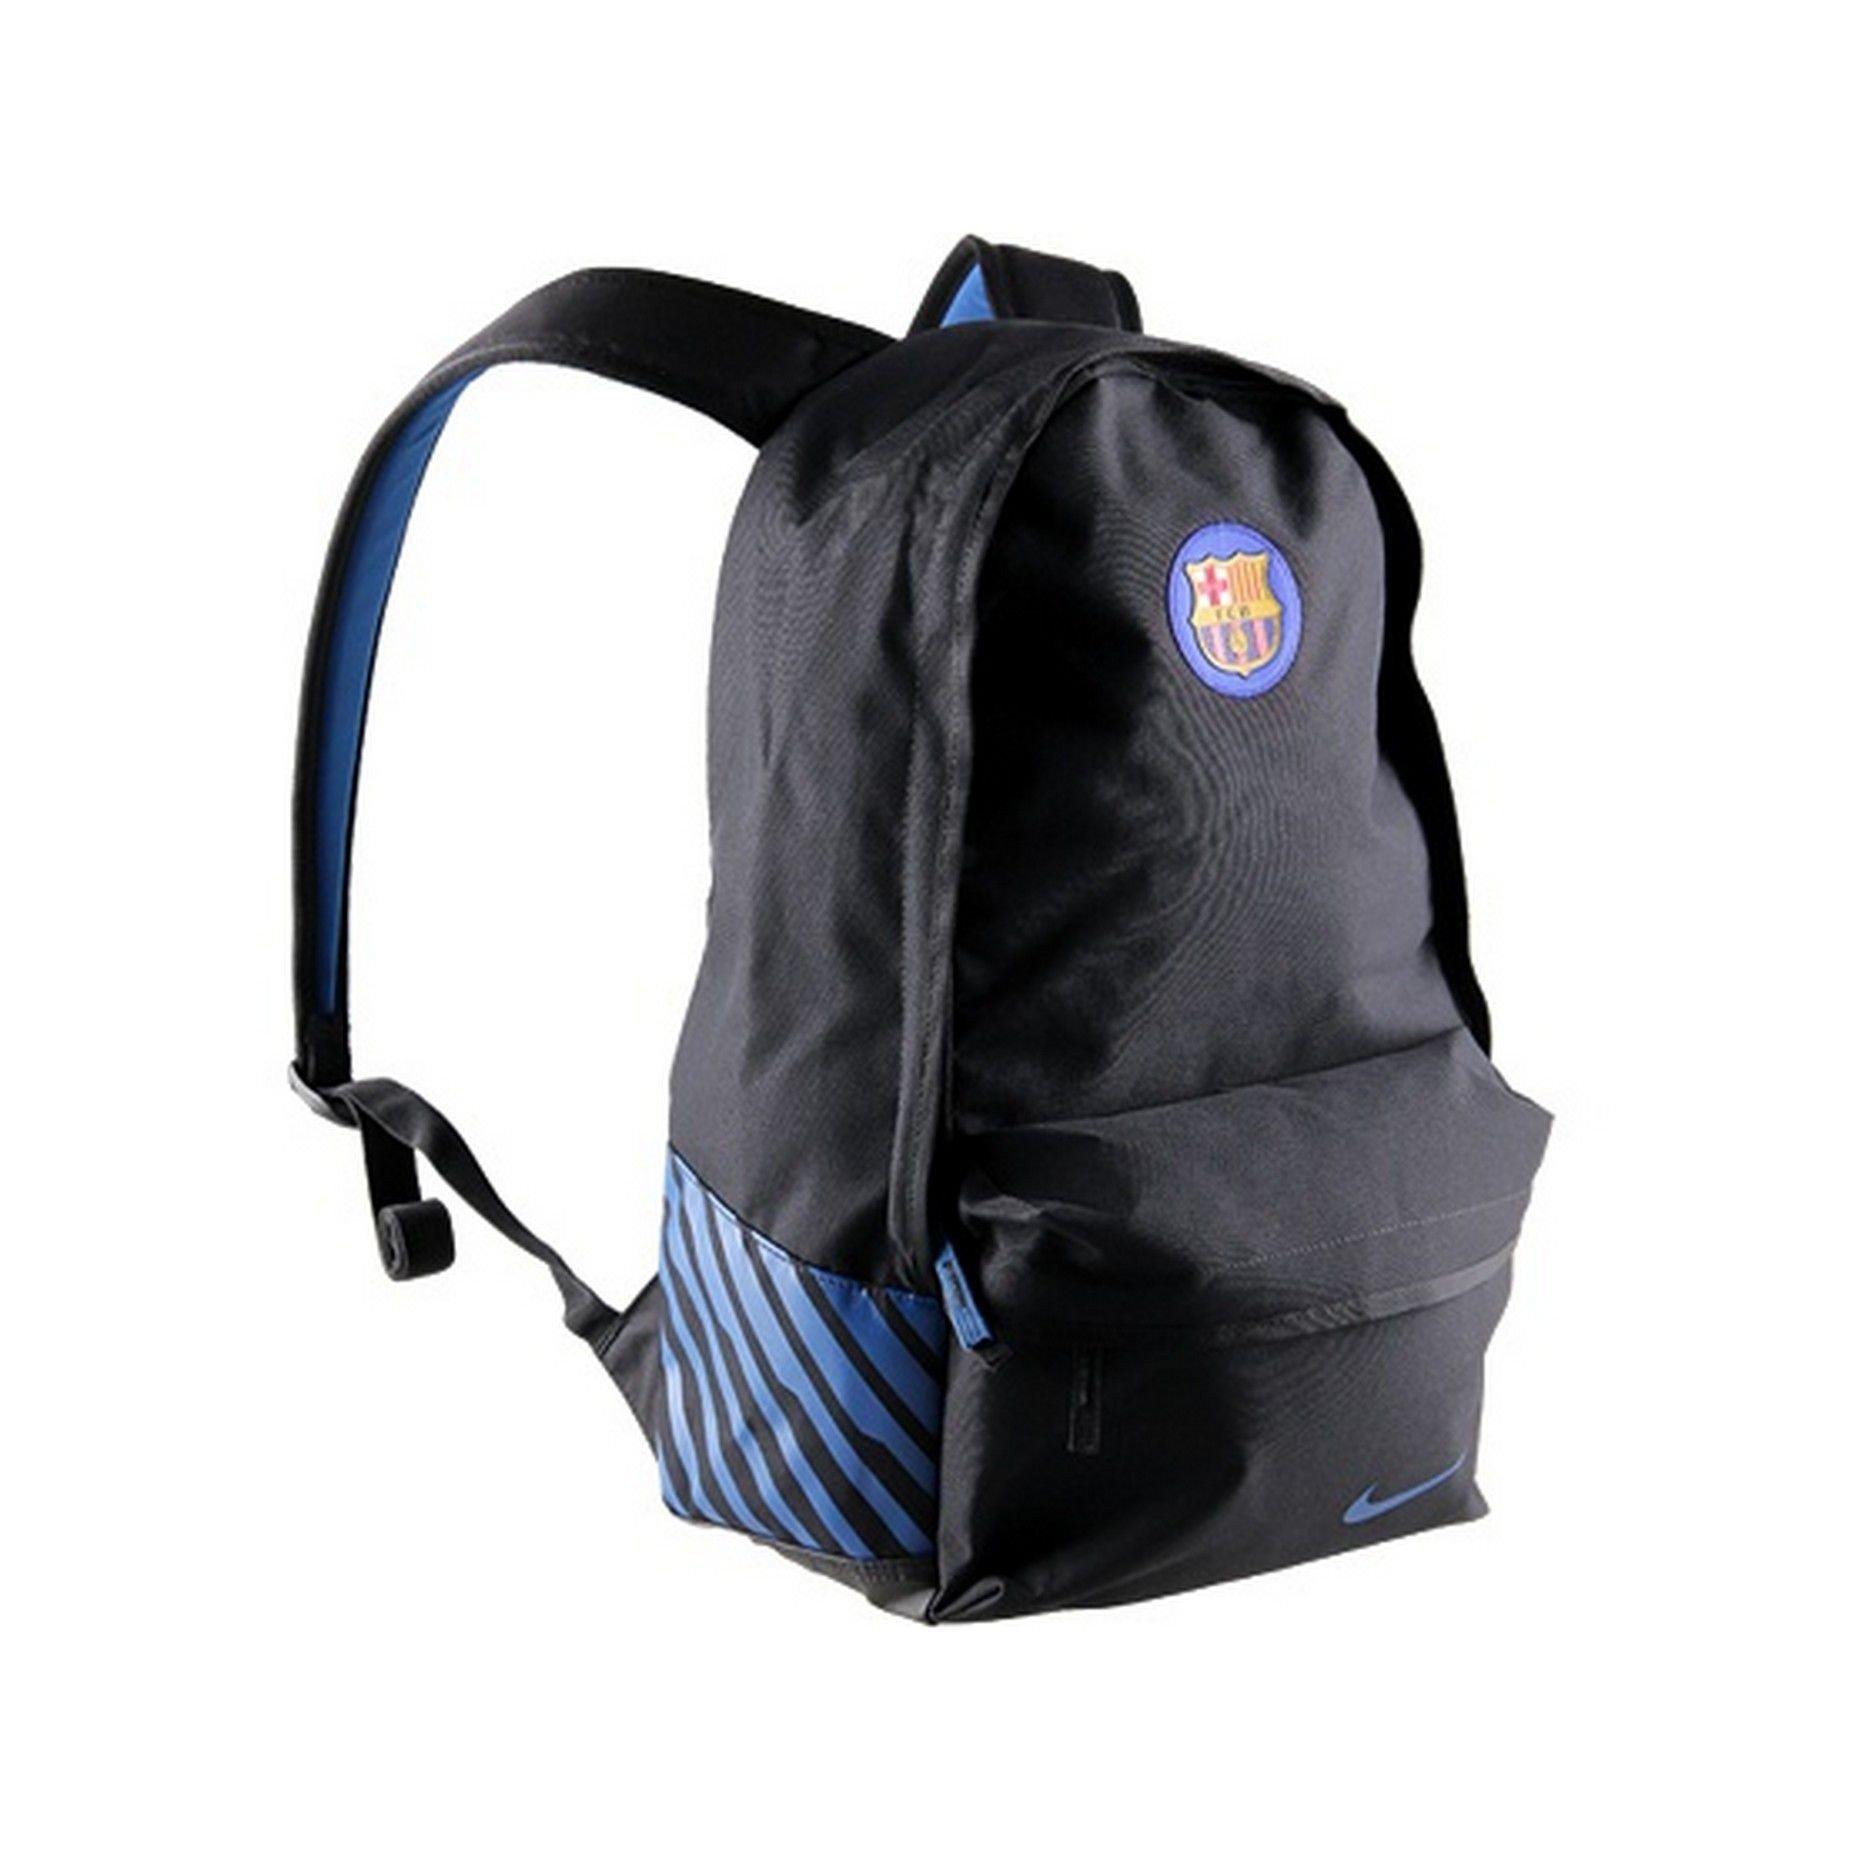 6330b44ac8103 Plecak Szkolny Nike FC Barcelona (Ba3299-004) Kliknij, aby powiększyć ...